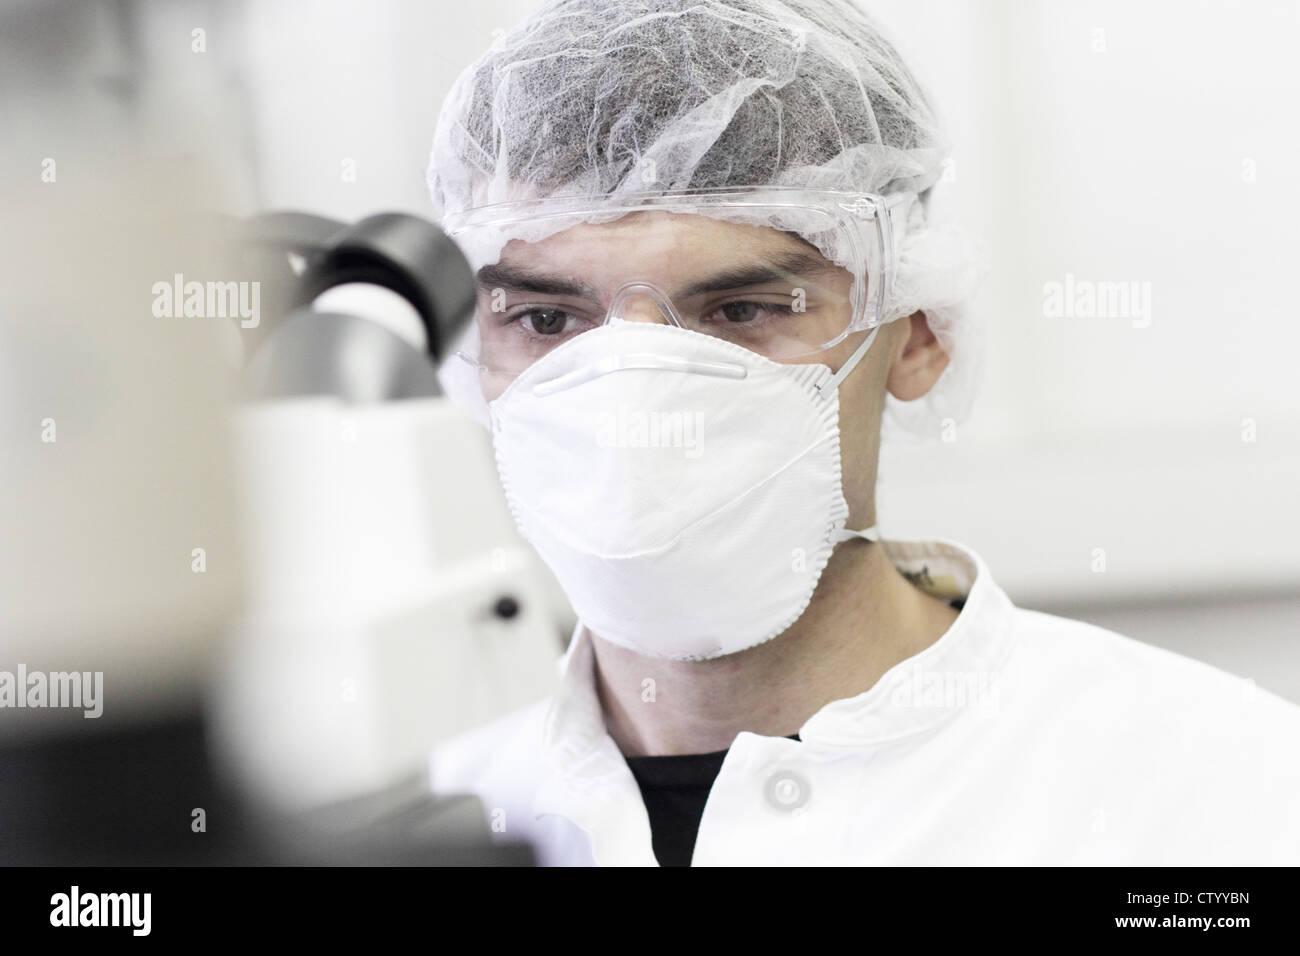 Llevar mascarilla en el laboratorio científico Imagen De Stock